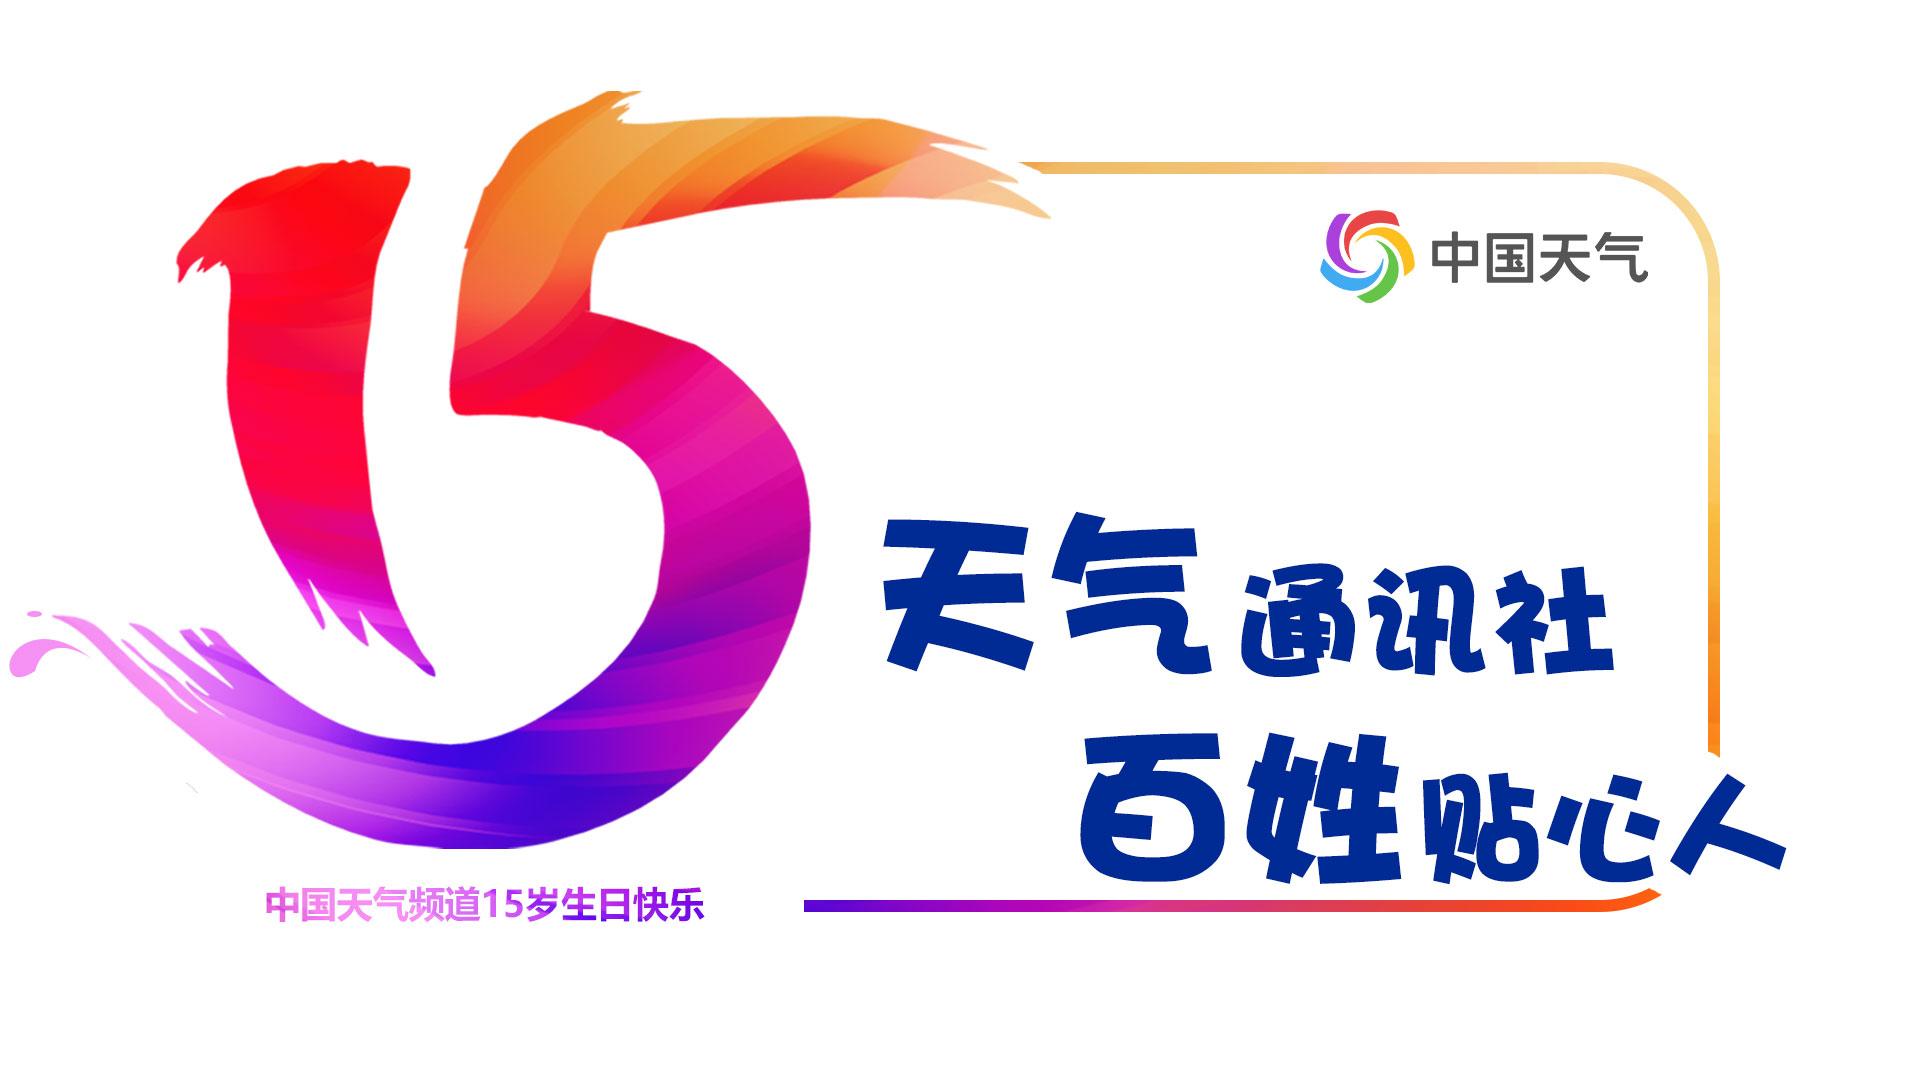 中國天氣頻道15周年生日快樂!